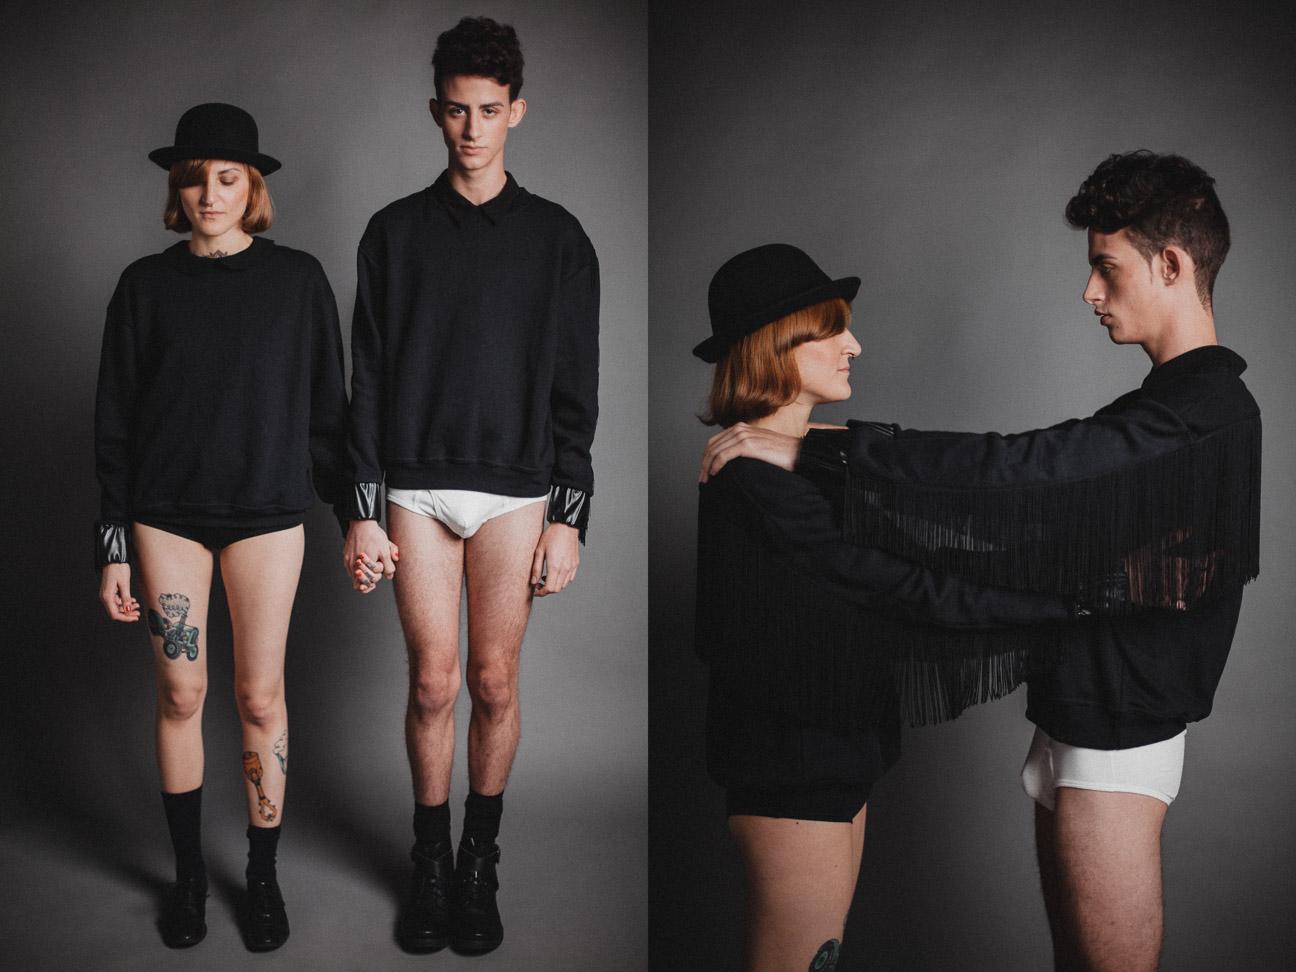 fotografia publicidad catalogo de ropa valencia (4)